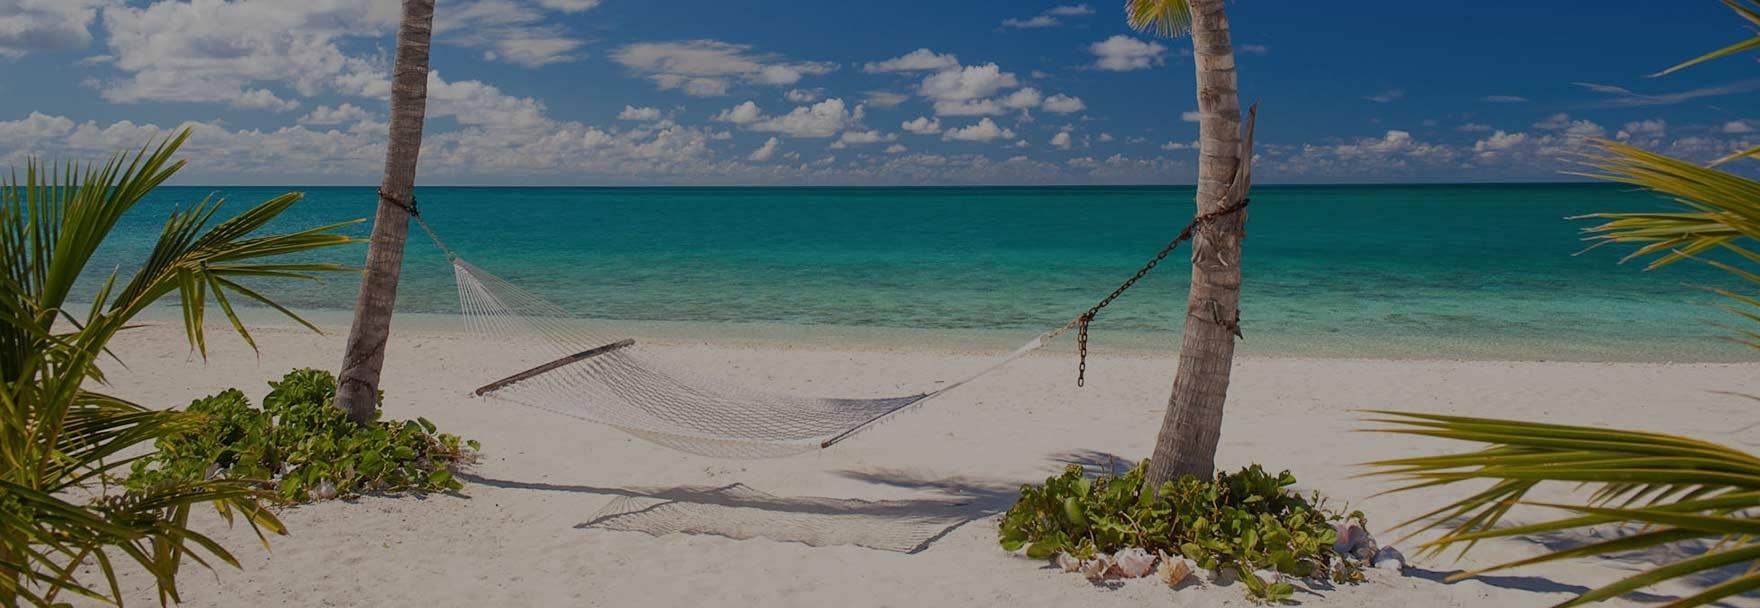 Nassau, Bahamas Vacation Packages - Southwest Vacations regarding Travel Packages To Bahamas Nassau